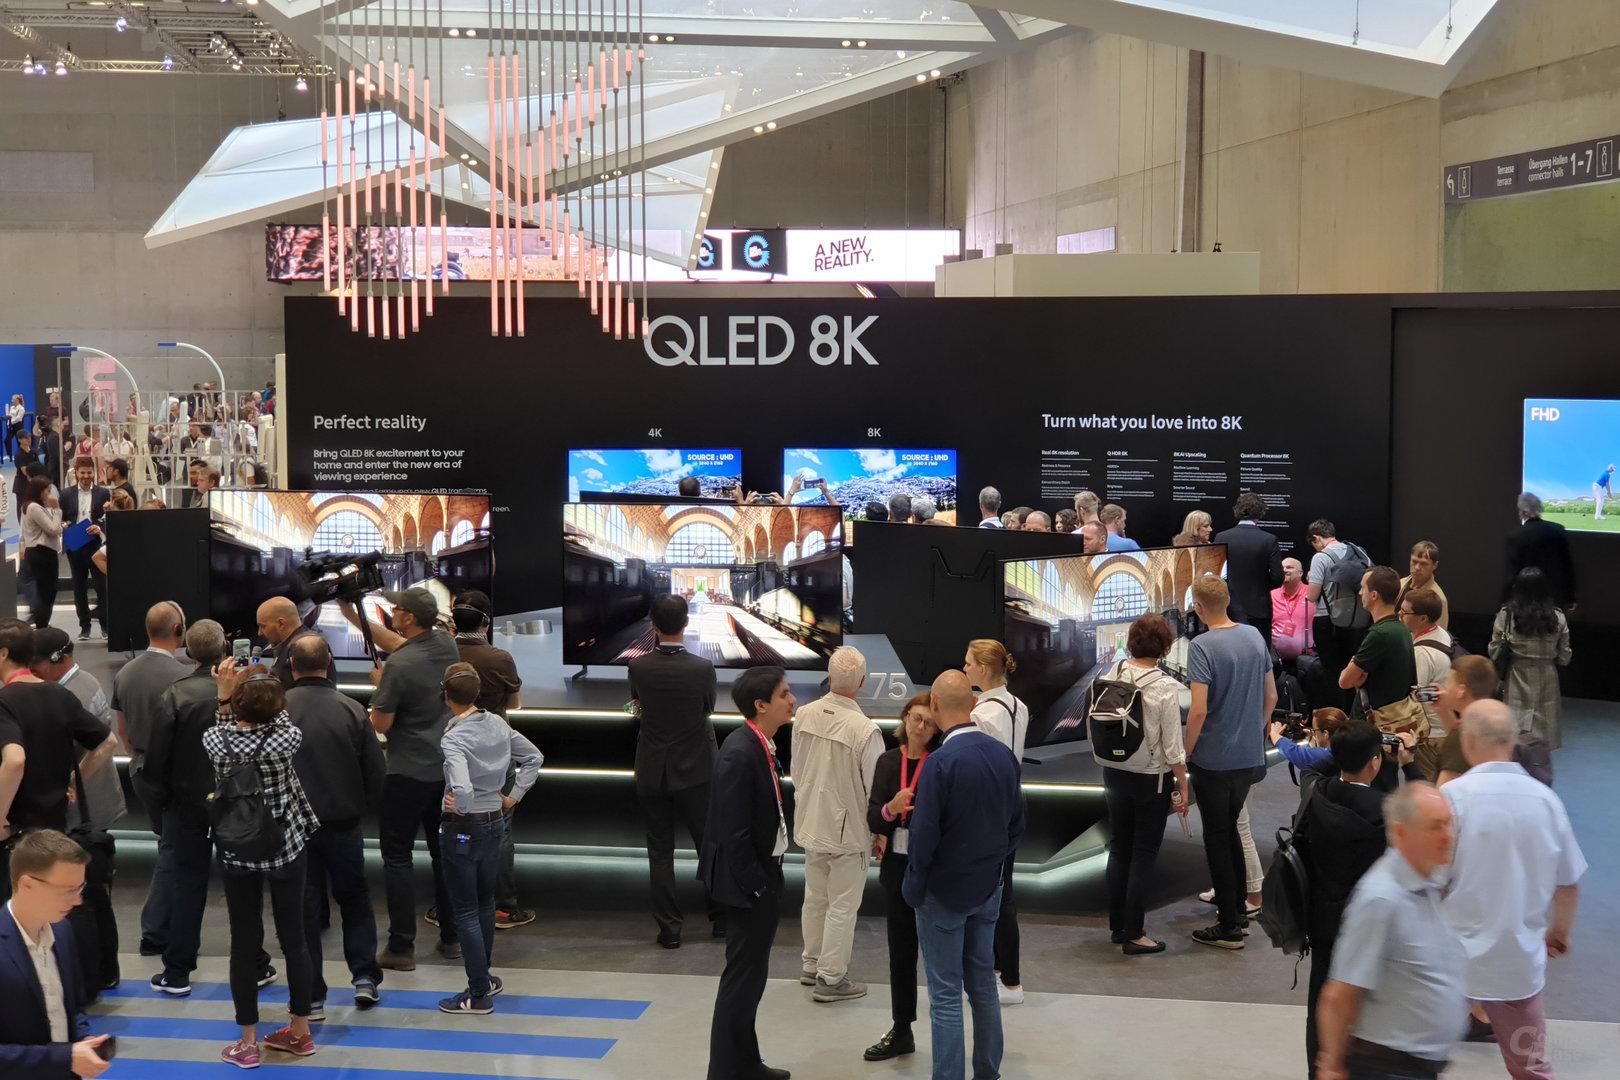 Die 8K-Insel am Stand von Samsung